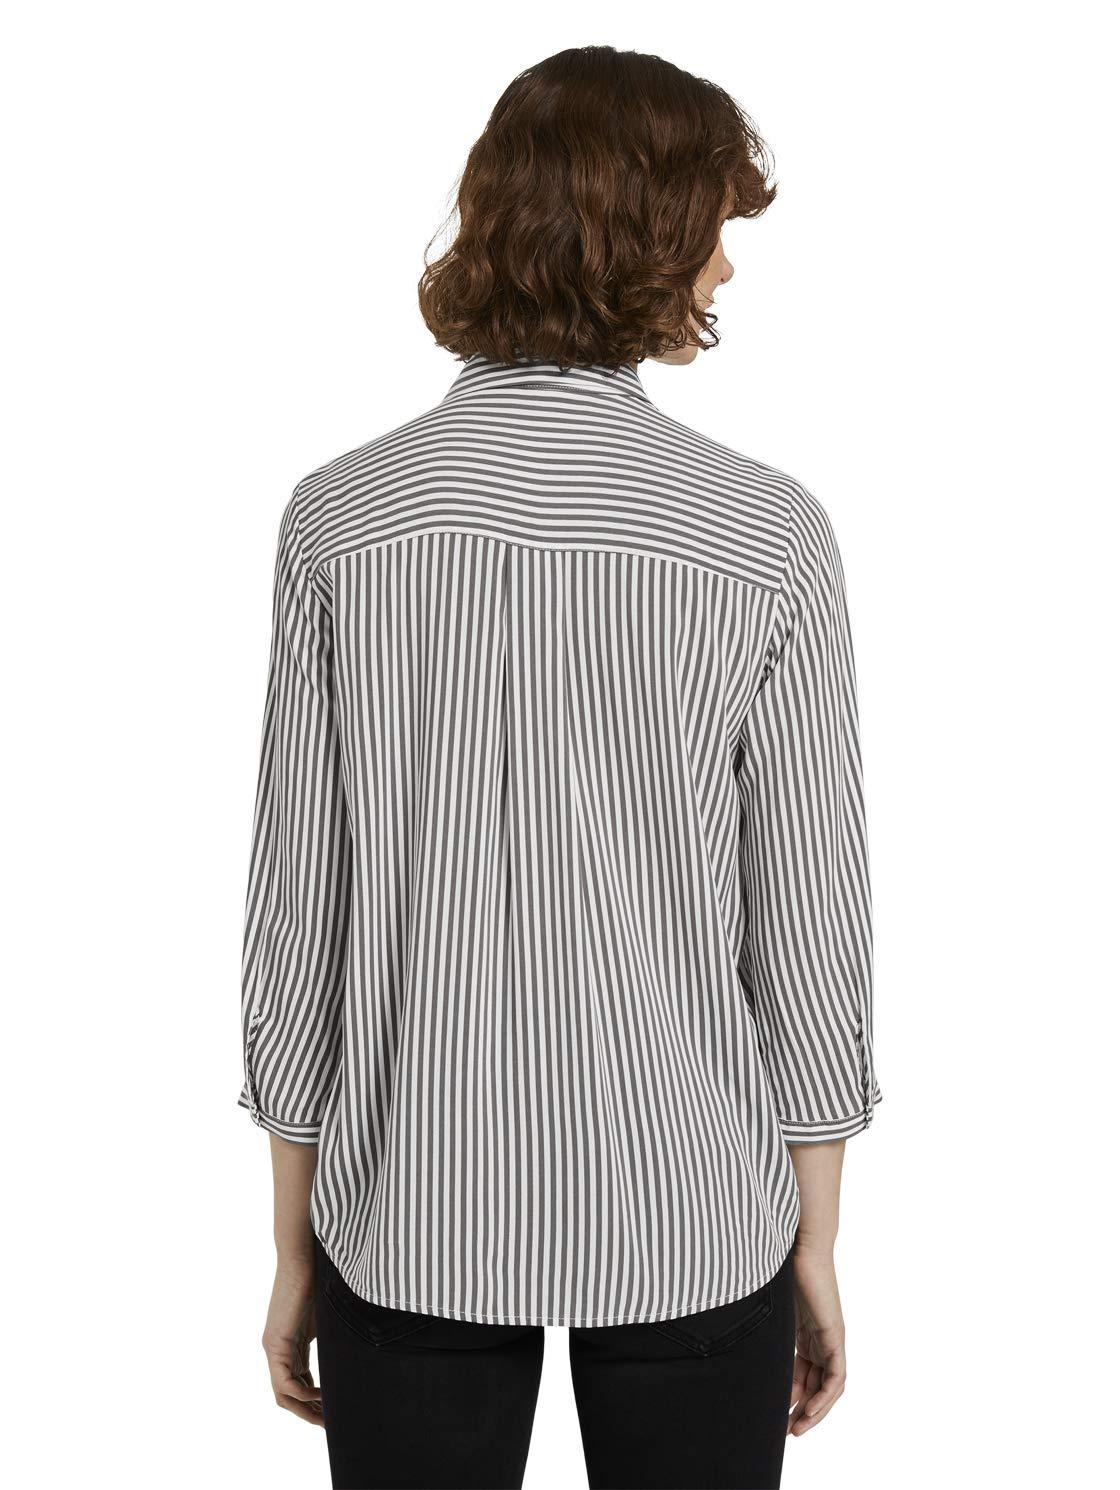 TOM TAILOR dam ränder sommar blus 25350 - Grey Vertical Stripe